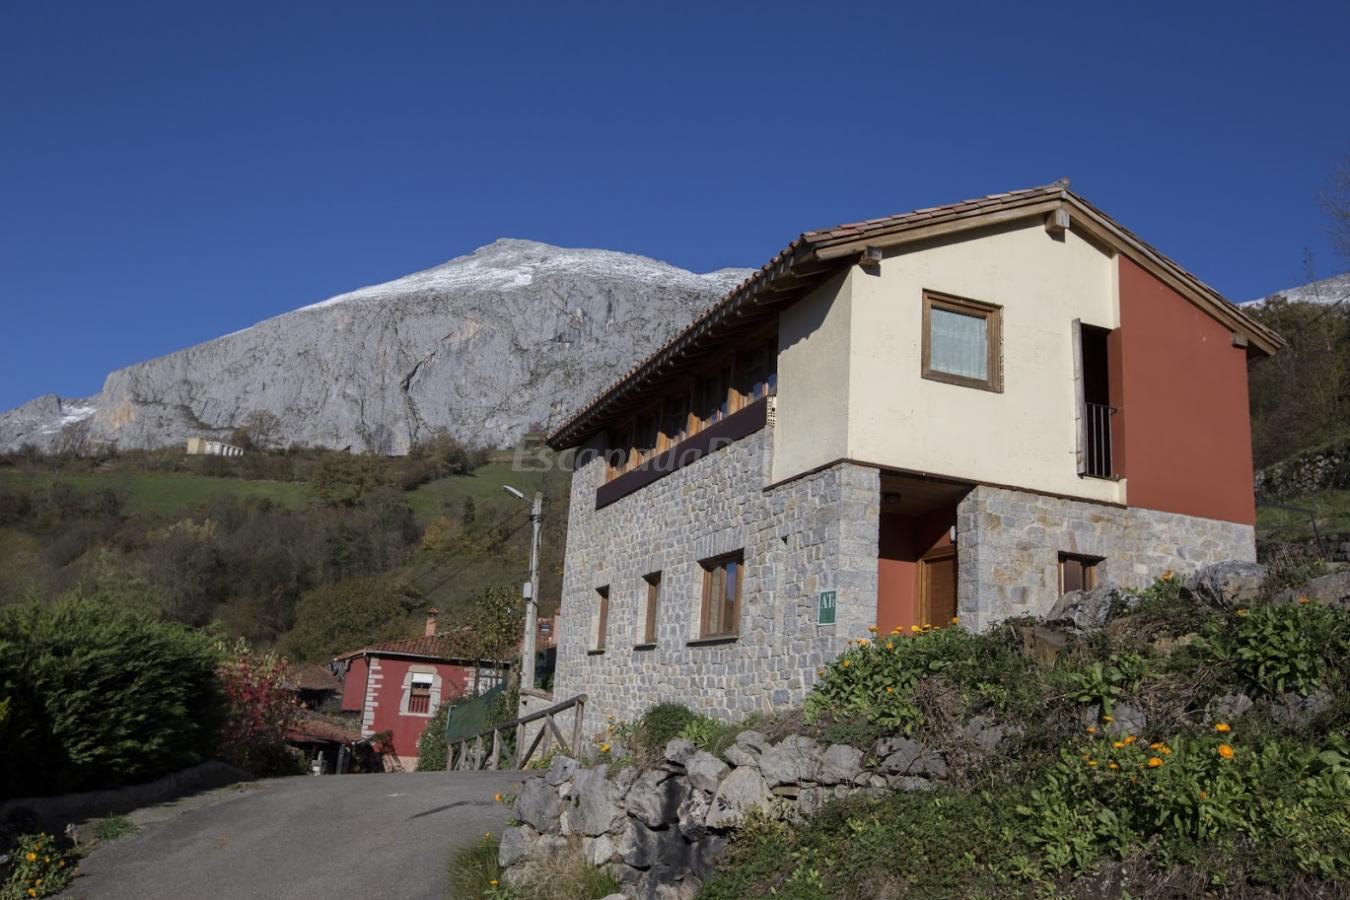 Fotos de apartamentos asturias casa rural en teverga - Fotorural asturias ...